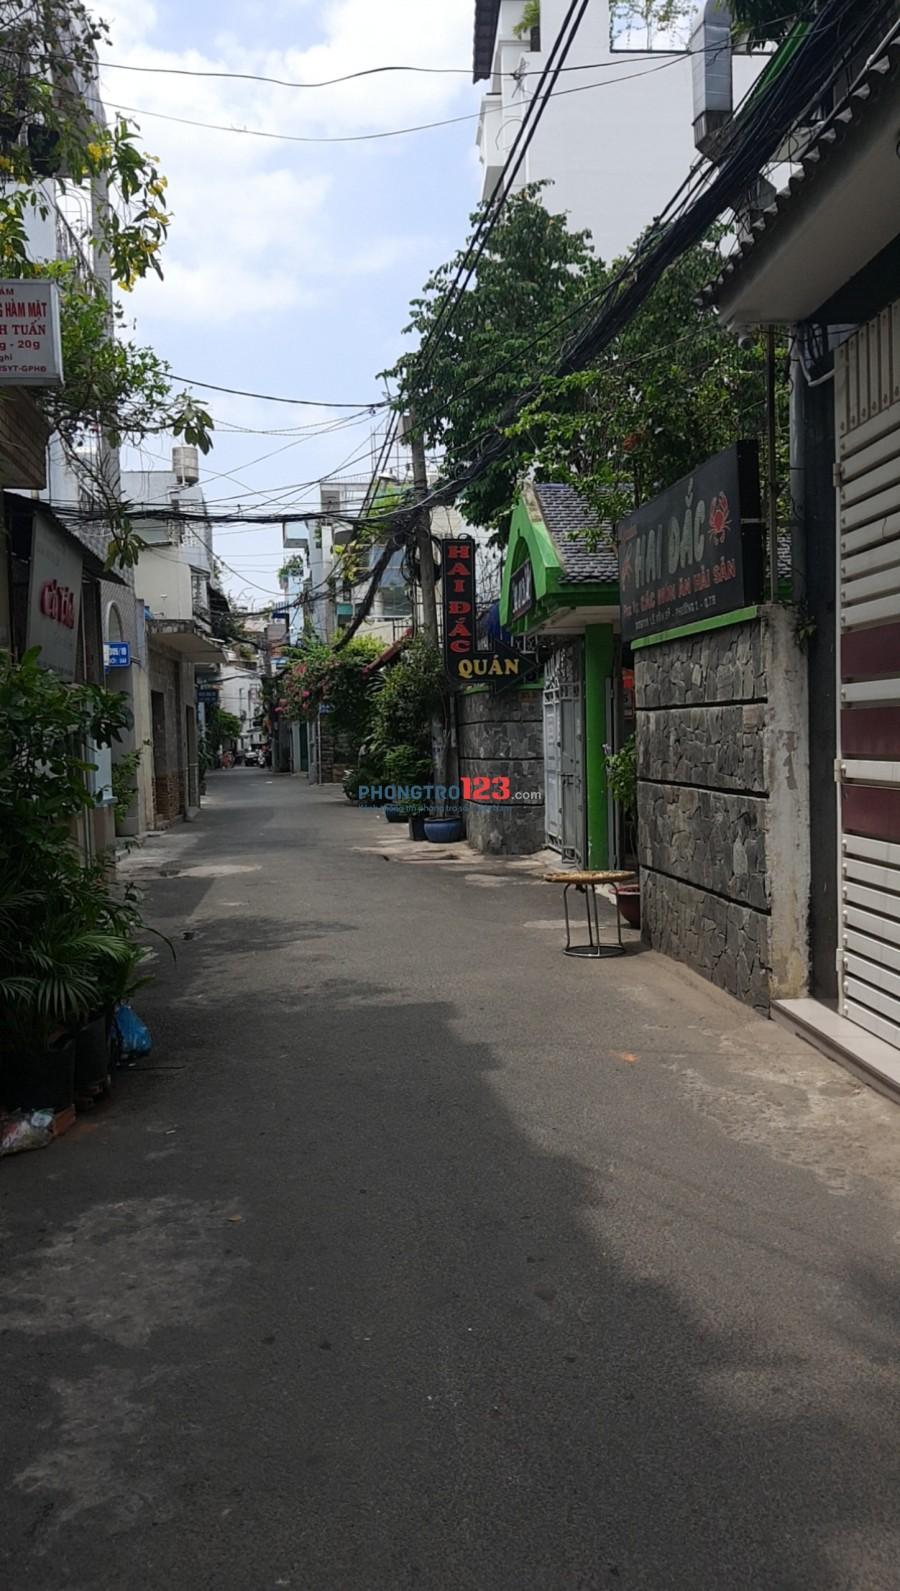 Chính chủ cần cho thuê nhà nguyên căn đường Lã Xuân Oai ngay chợ nhỏ Lê Văn Việt, quận 9, chỉ 9,5 tr/tháng